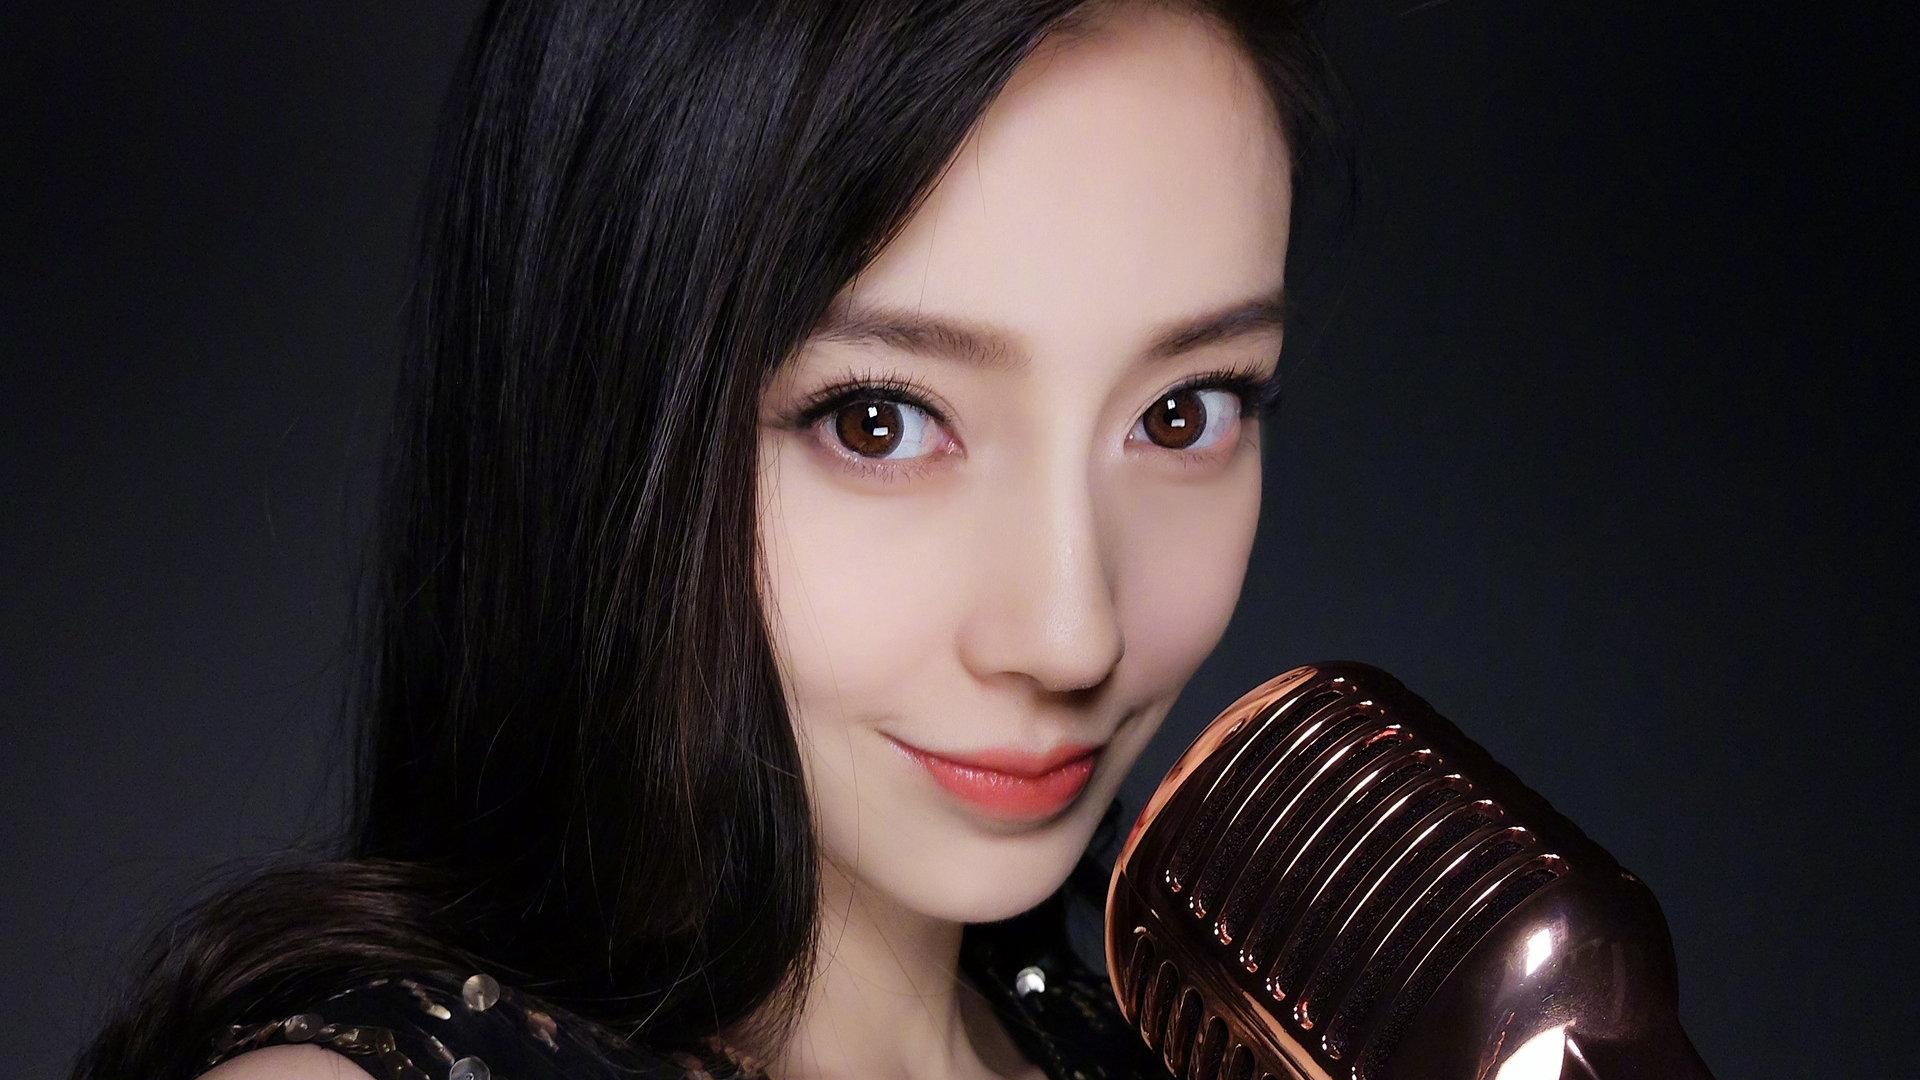 杨颖angelababy4K超高清写真壁纸